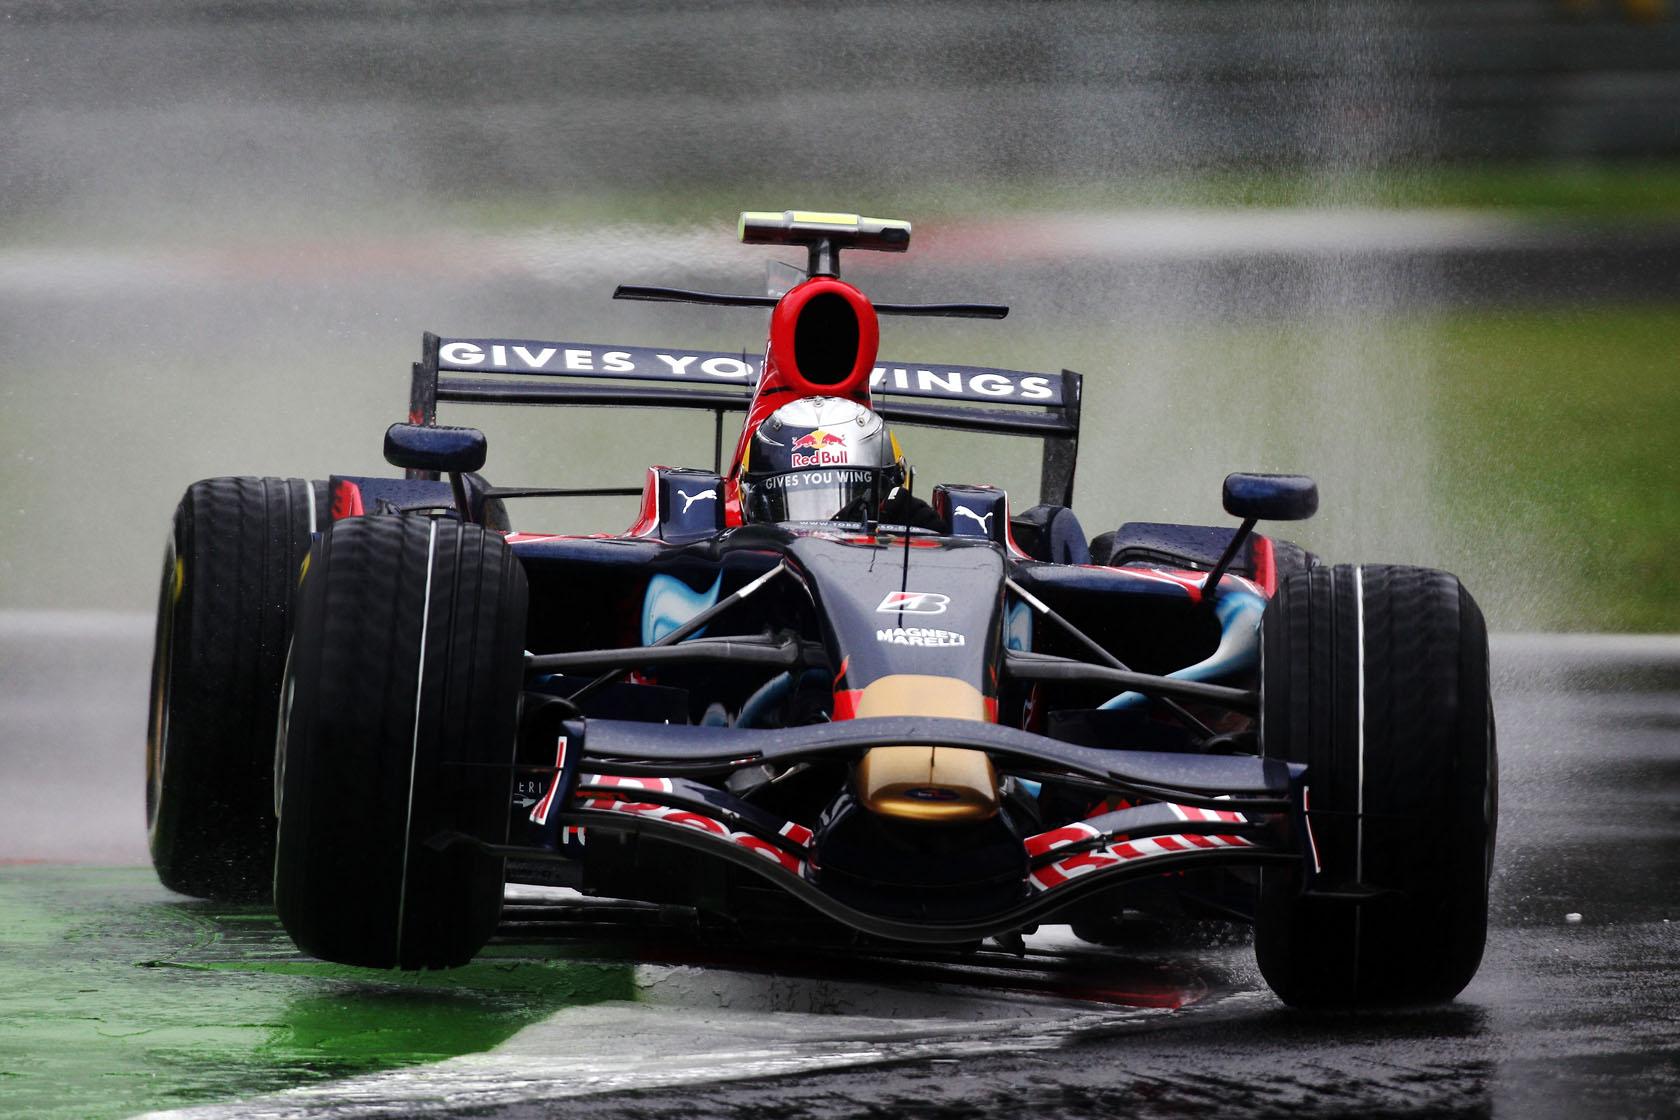 Sebastian Vettel u Toro Rosso Ferrariju na putu prema prvoj pobjedi u karijeri. Iduće godine prelazi u Red Bull, a ostalo je povijest. (13.9.2008.) Foto: formulaoneitalia